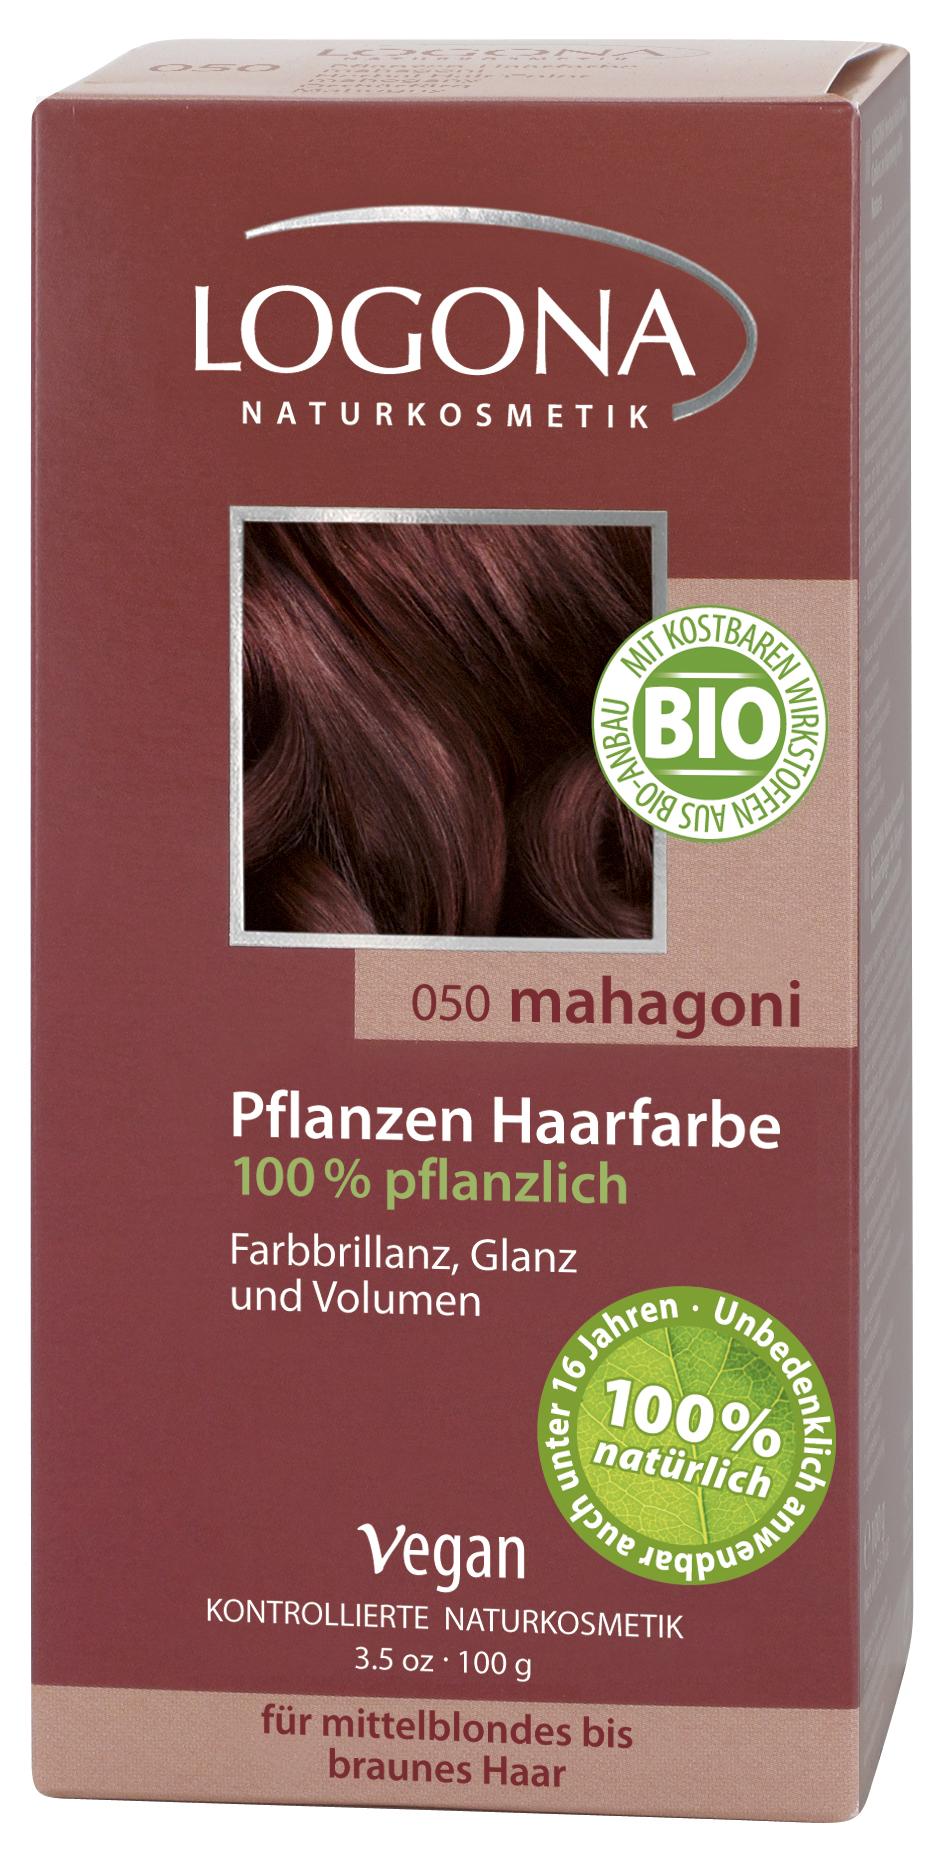 Logona растительная краска для волос 050 «Махагон коричневато-красный» 100 гр01104Оттенок «Махагон коричневато-красный» подходит для русых и каштановых волос. Растительные краски для волос Logona действуют бережно и дают длительный эффект. Состав из хны и других красящих растений, а также веществ растительного происхождения для ухода за волосами естественным образом укрепляют волосы и придают им больше объема и яркости.